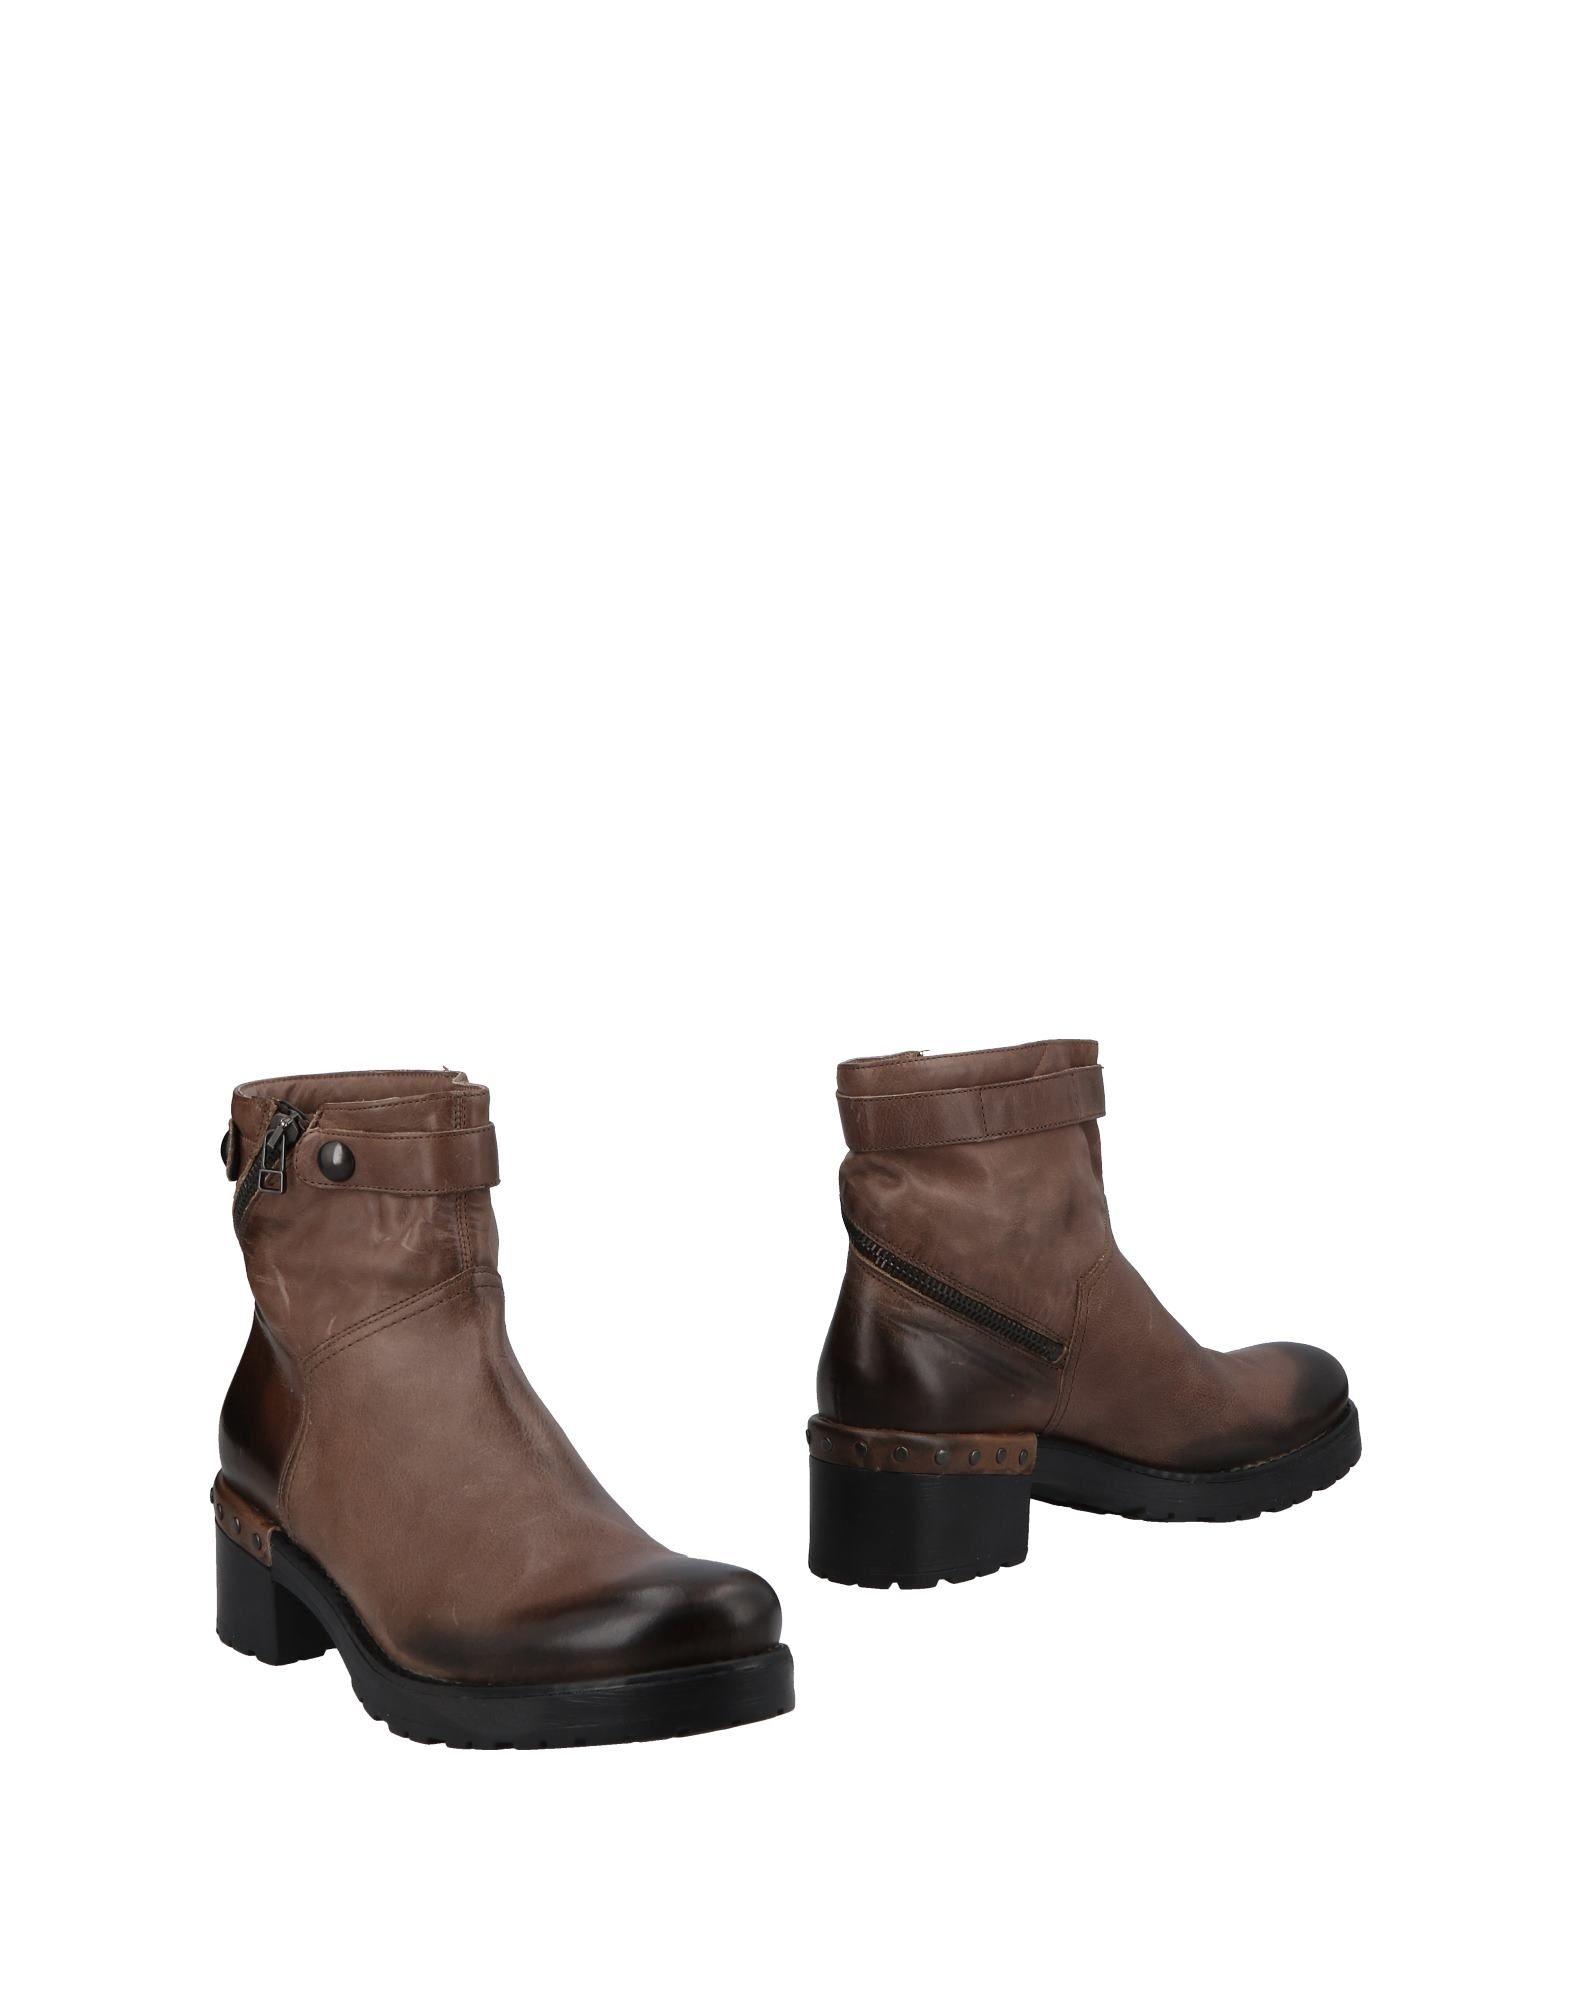 Janet Sport Stiefelette Damen    11503387XS Gute Qualität beliebte Schuhe 88a04c